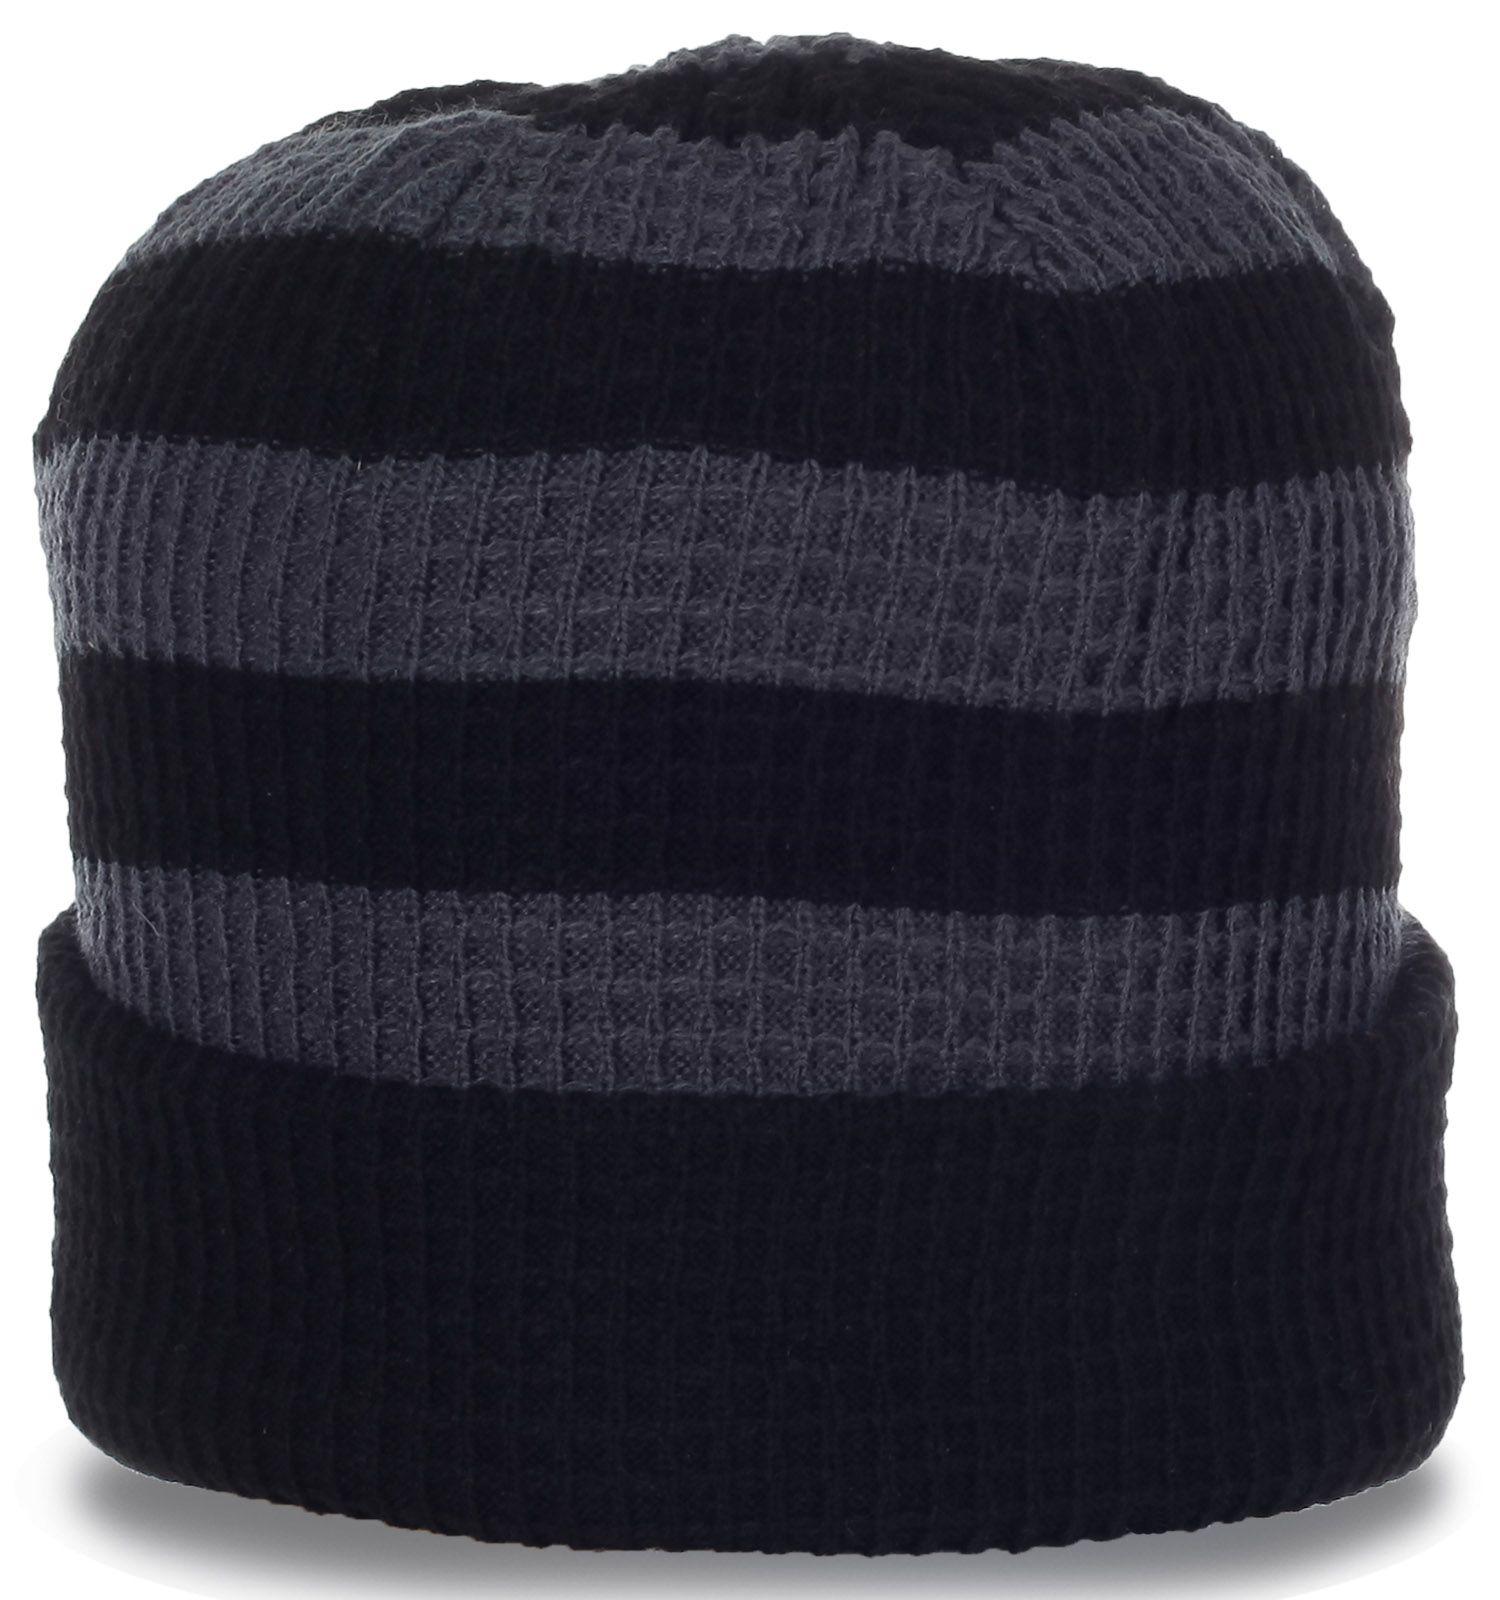 Стильная повседневная мужская шапочка